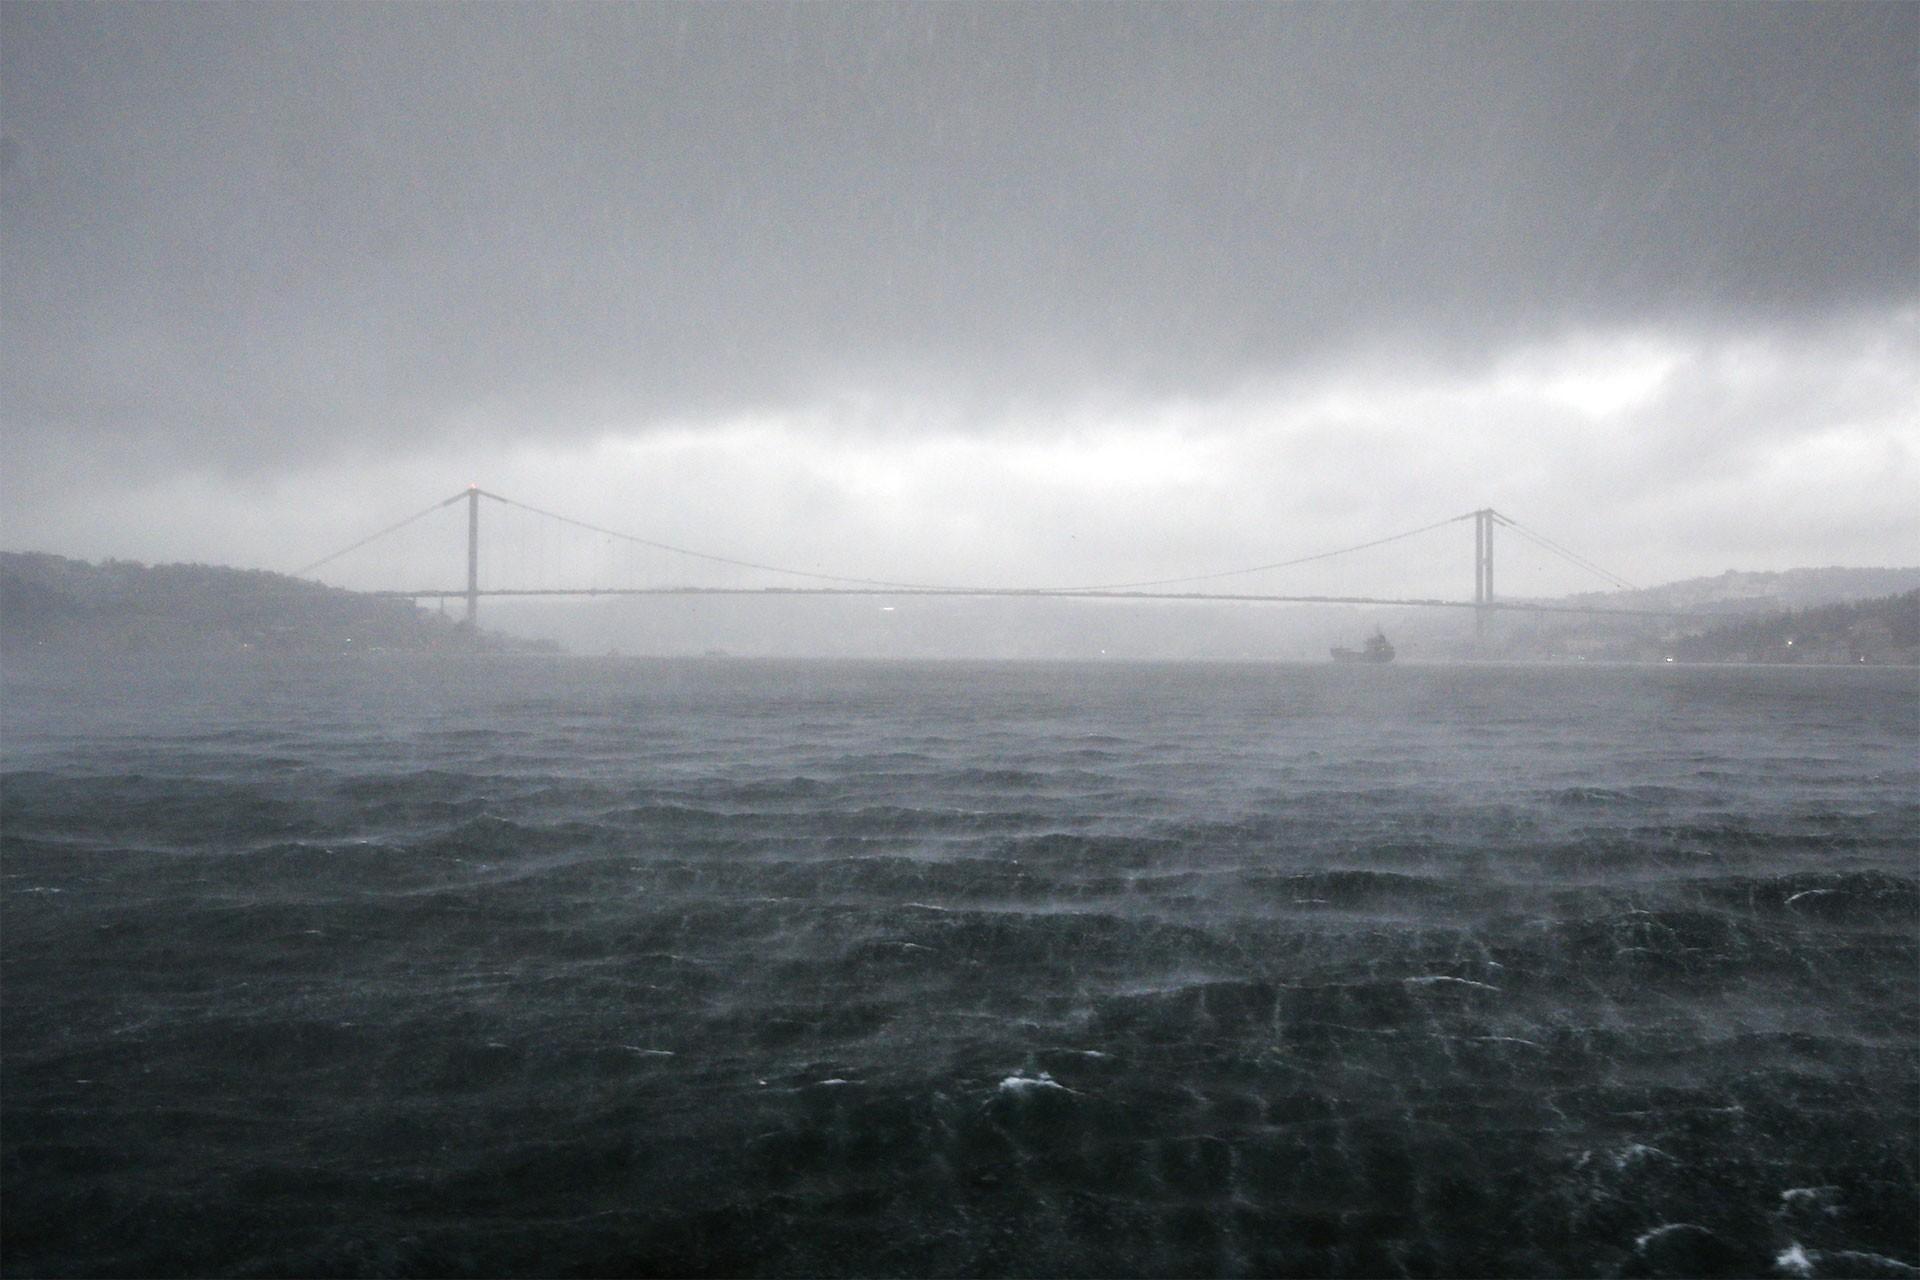 İstanbul'da sağanak yağış ve sisli bir görünümle boğaz köprüsü.